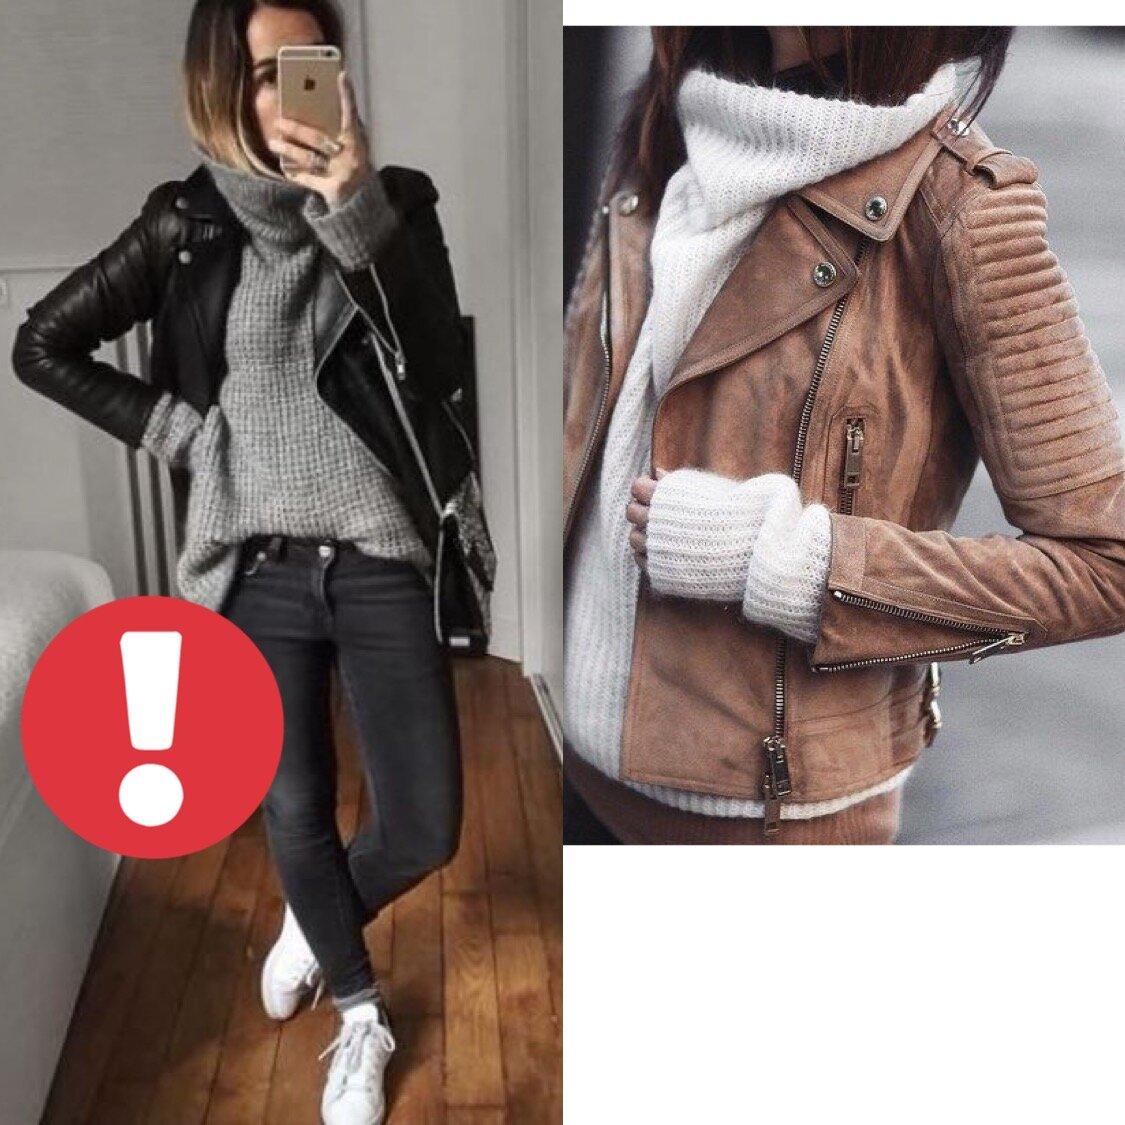 7 ошибок в зимнем образе мода и красота,модные образы,модные советы,одежда и аксессуары